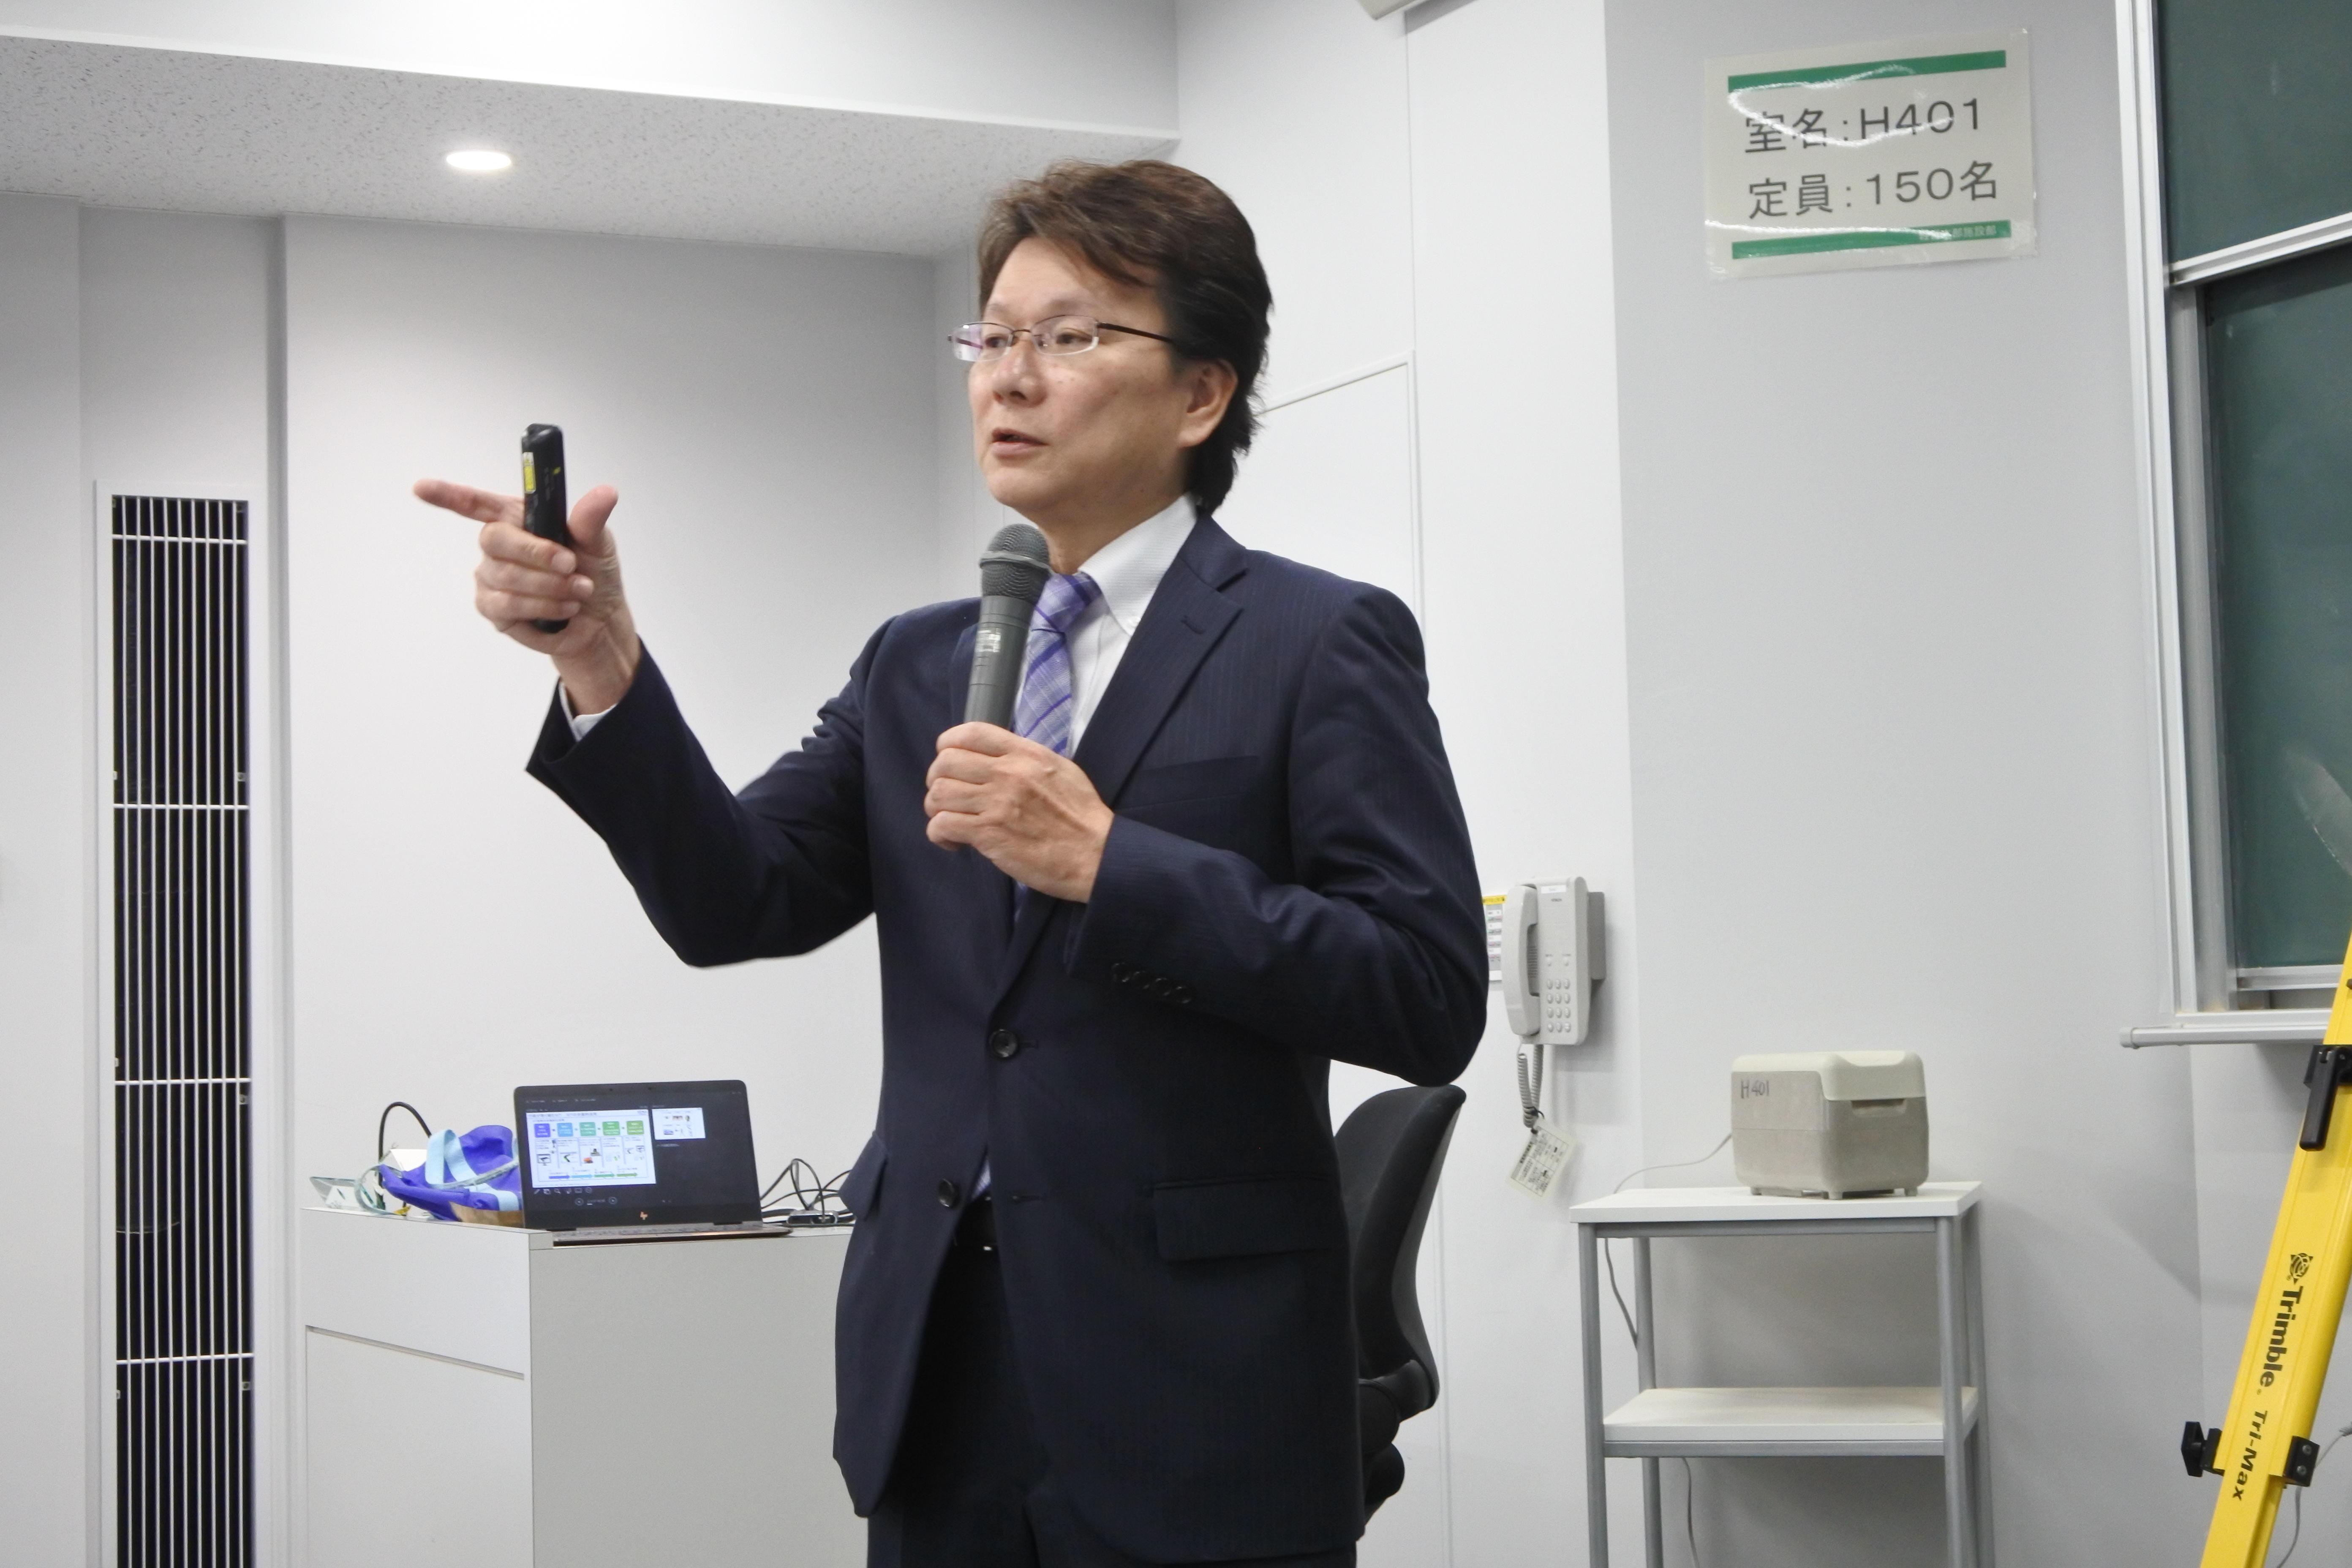 鈴木勇治トレーニングスペシャリスト